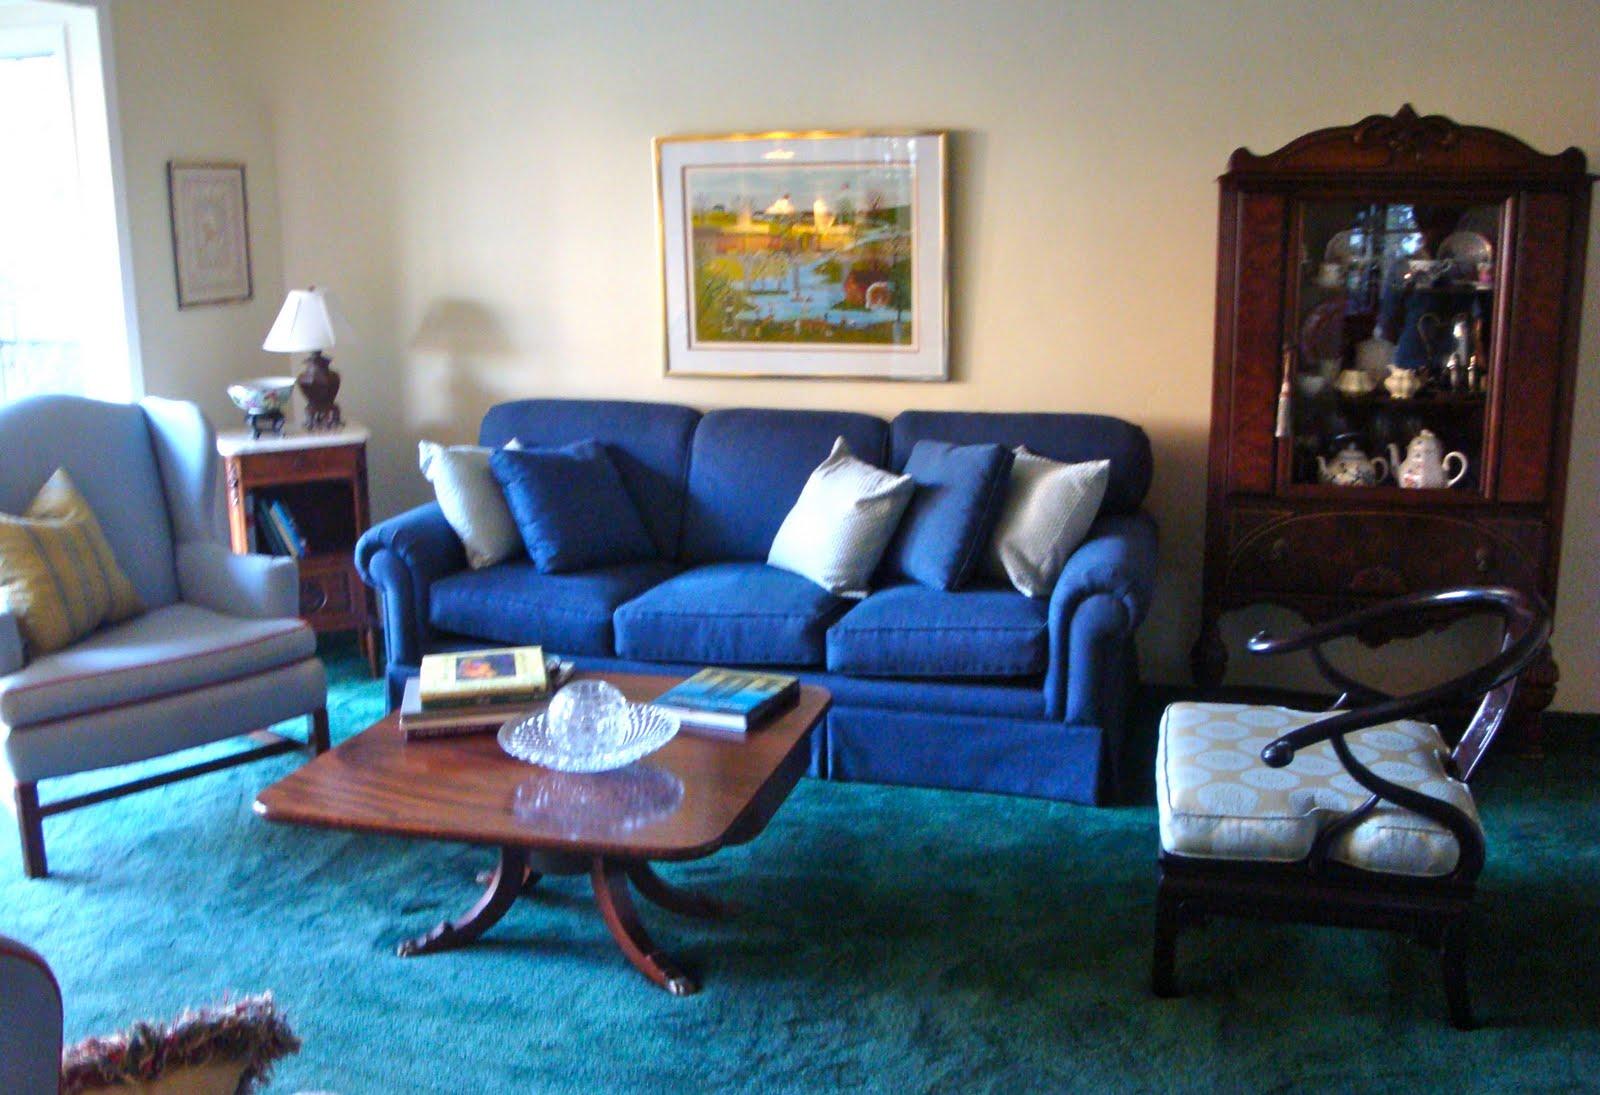 crawford furniture furniture ideas